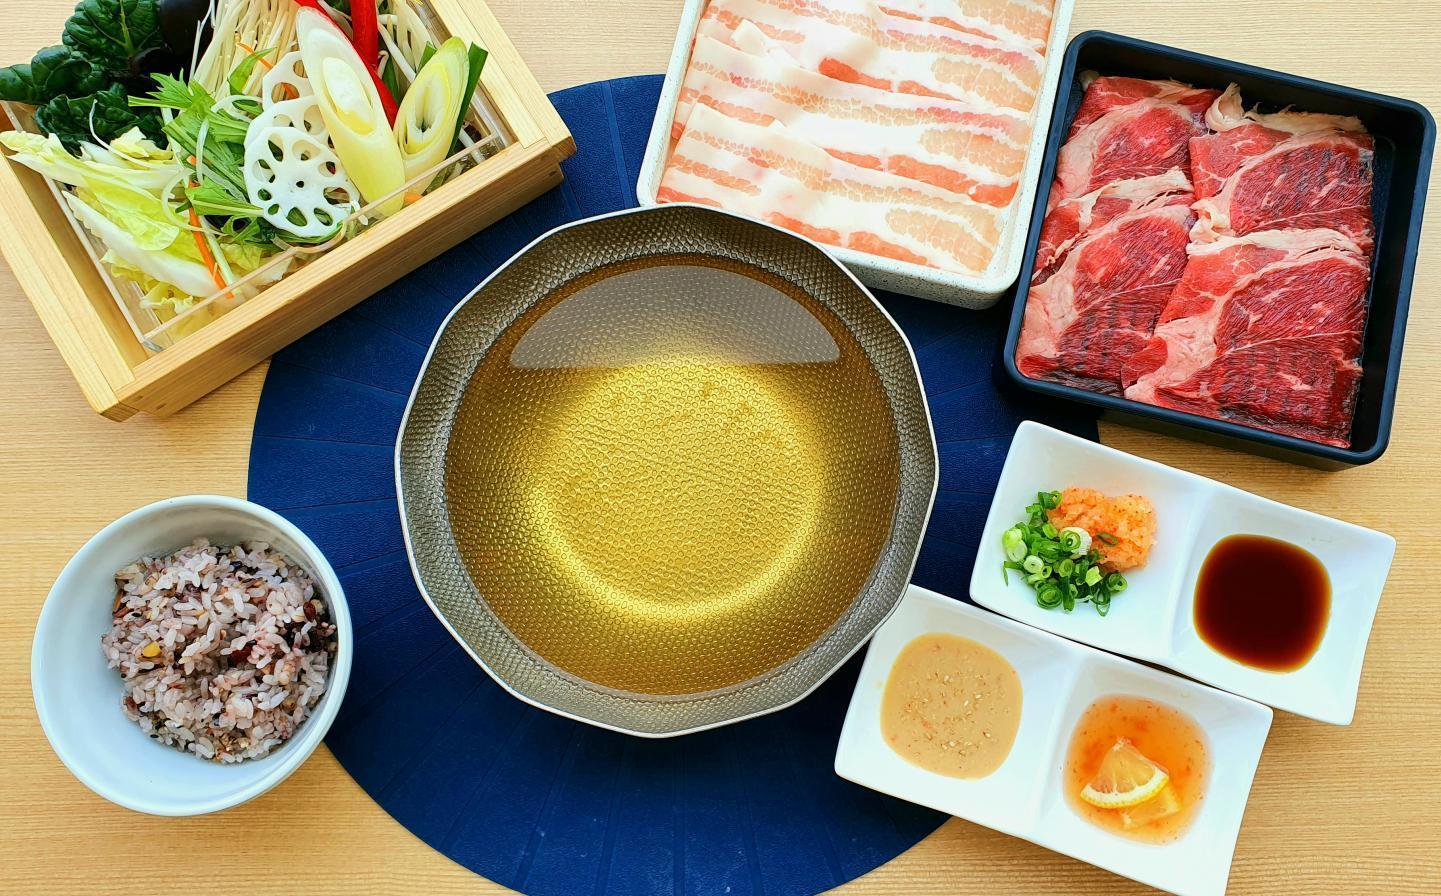 【平日限定ランチ】お肉2皿(アンガス牛・三元豚)セットのイメージ